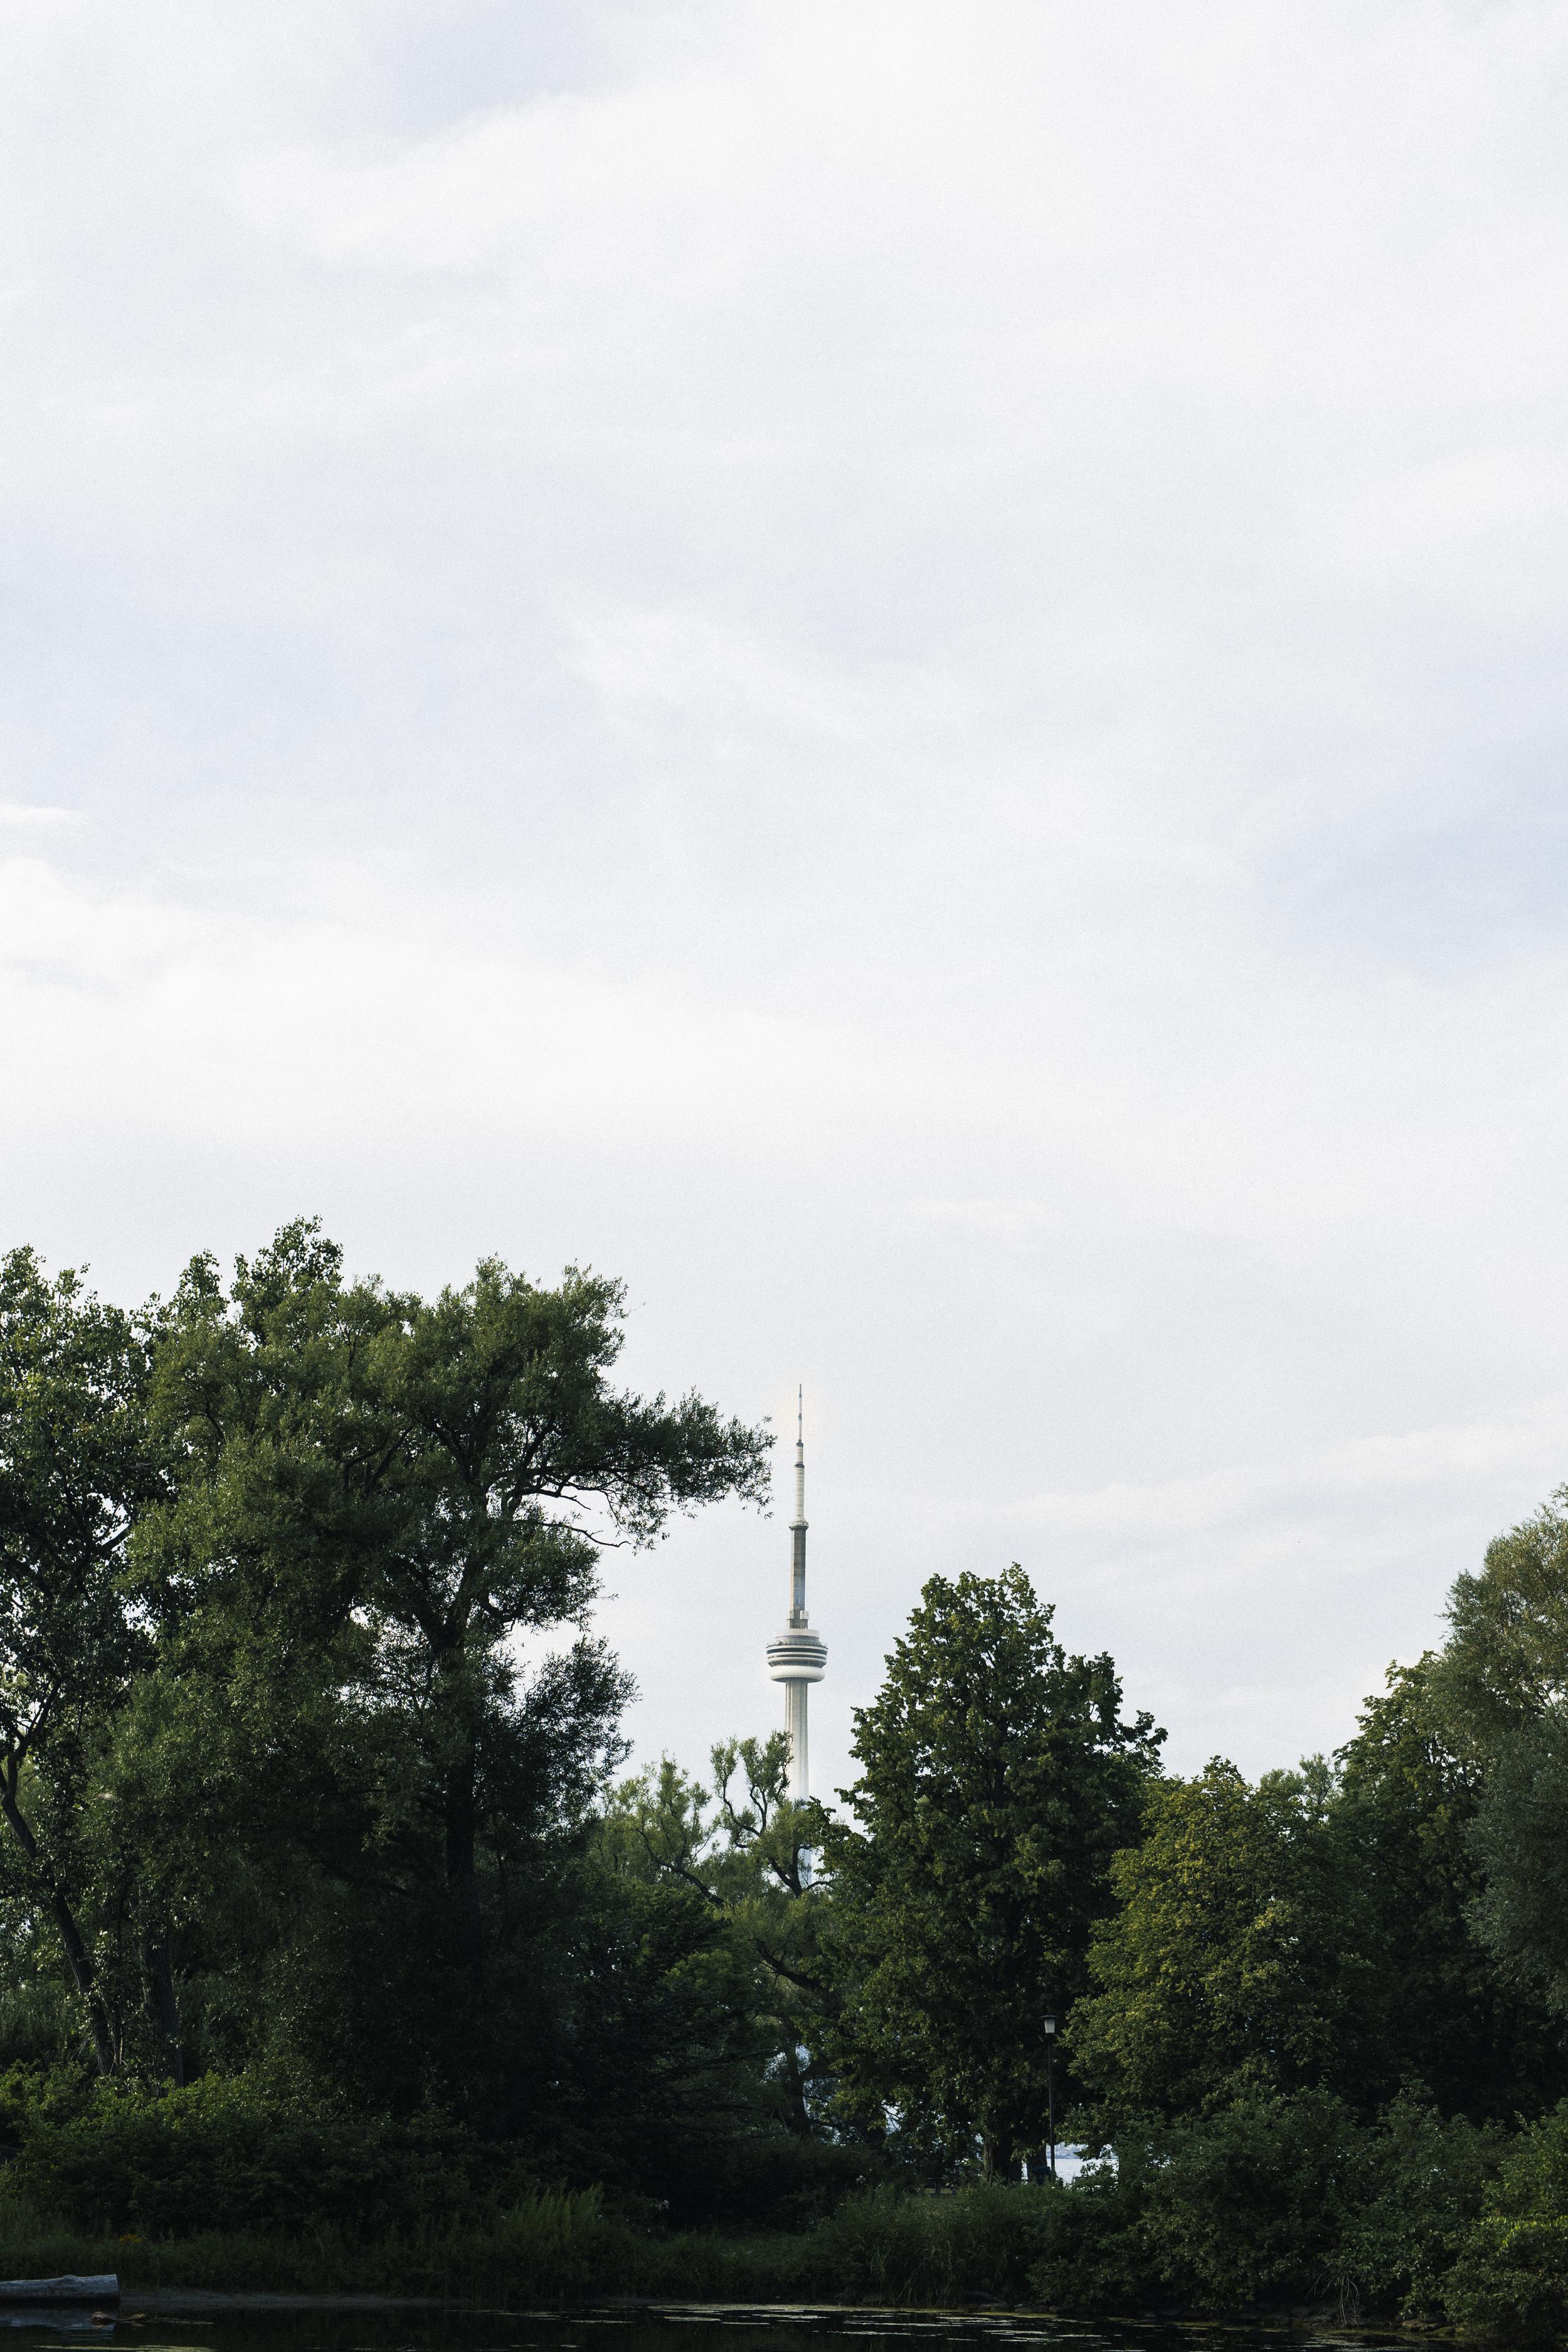 RV-1-7369.jpg